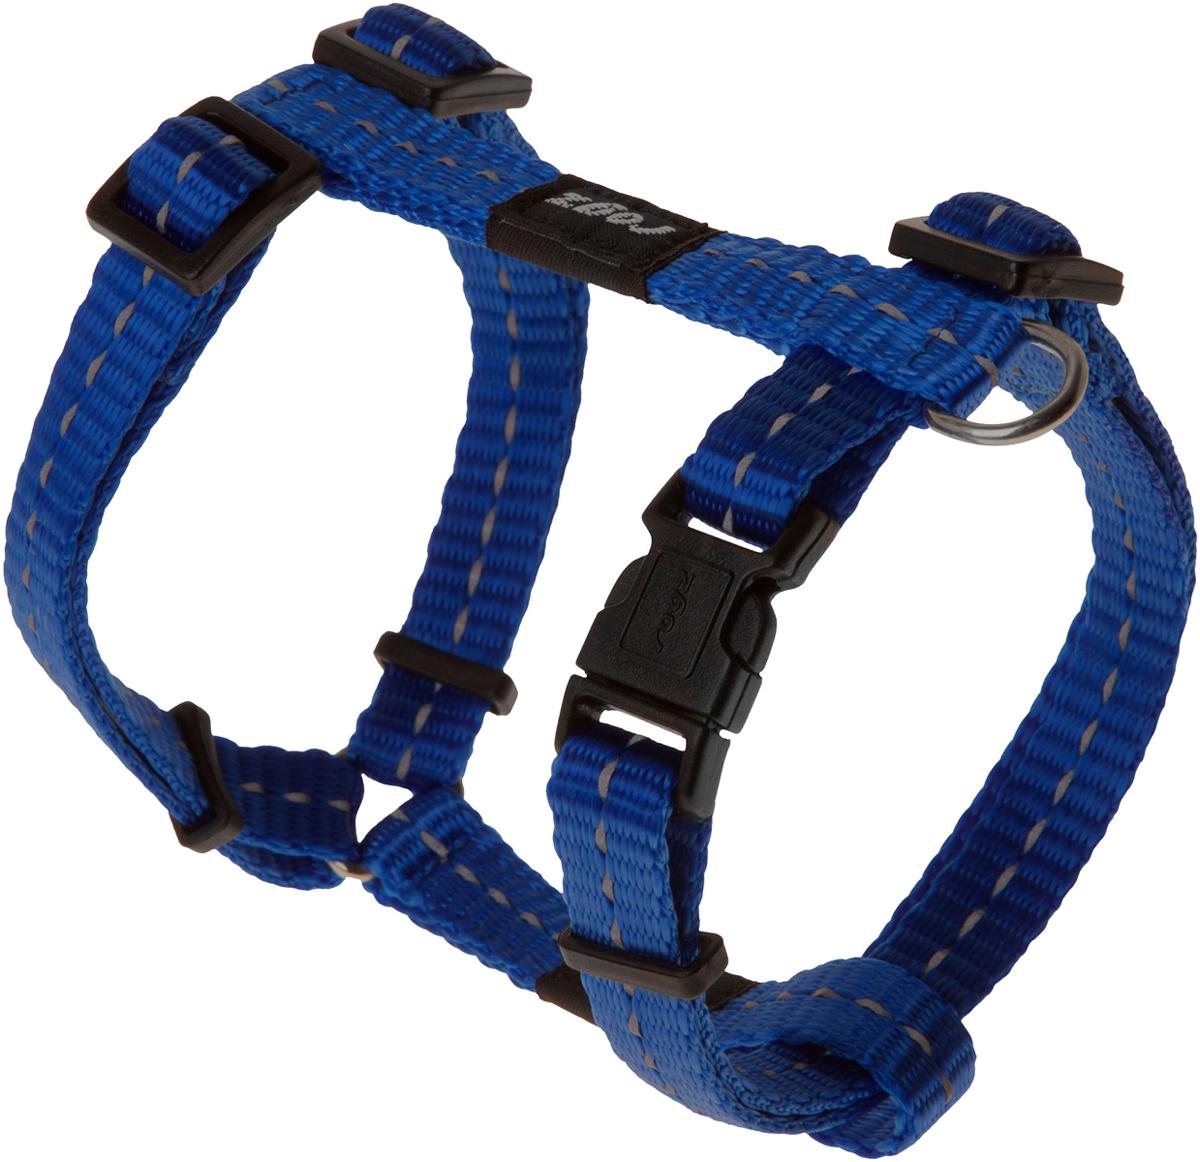 Шлейка для собак Rogz Utility, цвет: синий, ширина 1,1 см. Размер S0120710Шлейка для собак Rogz Utility со светоотражающей нитью, вплетенной в нейлоновую ленту, обеспечивает лучшую видимость собаки в темное время суток. Специальная конструкция пряжки Rog Loc - очень крепкая (система Fort Knox). Замок может быть расстегнут только рукой человека. Технология распределения нагрузки позволяет снизить нагрузку на пряжки, изготовленные из титанового пластика, с помощью правильного и разумного расположения грузовых колец, благодаря чему, даже при самых сильных рывках, изделие не рвется и не деформируется.Выполненные специально по заказу ROGZ литые кольца гальванически хромированы, что позволяет избежать коррозии и потускнения изделия.